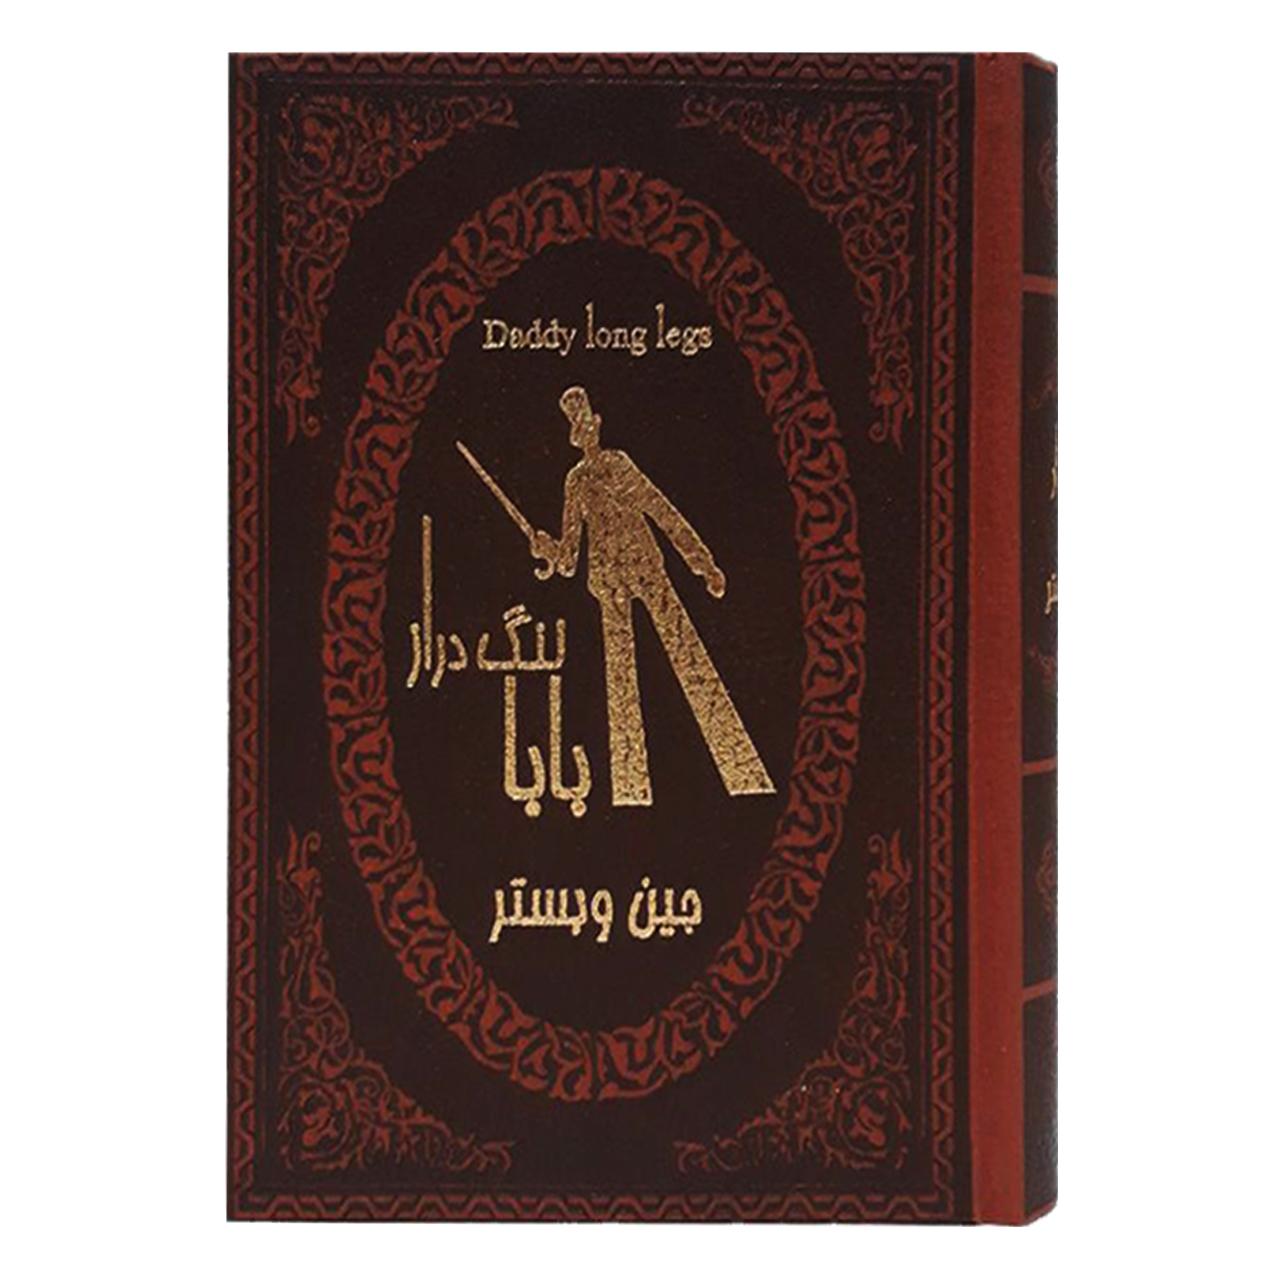 خرید                      کتاب بابا لنگ دراز اثر جین وبستر انتشارات پارمیس